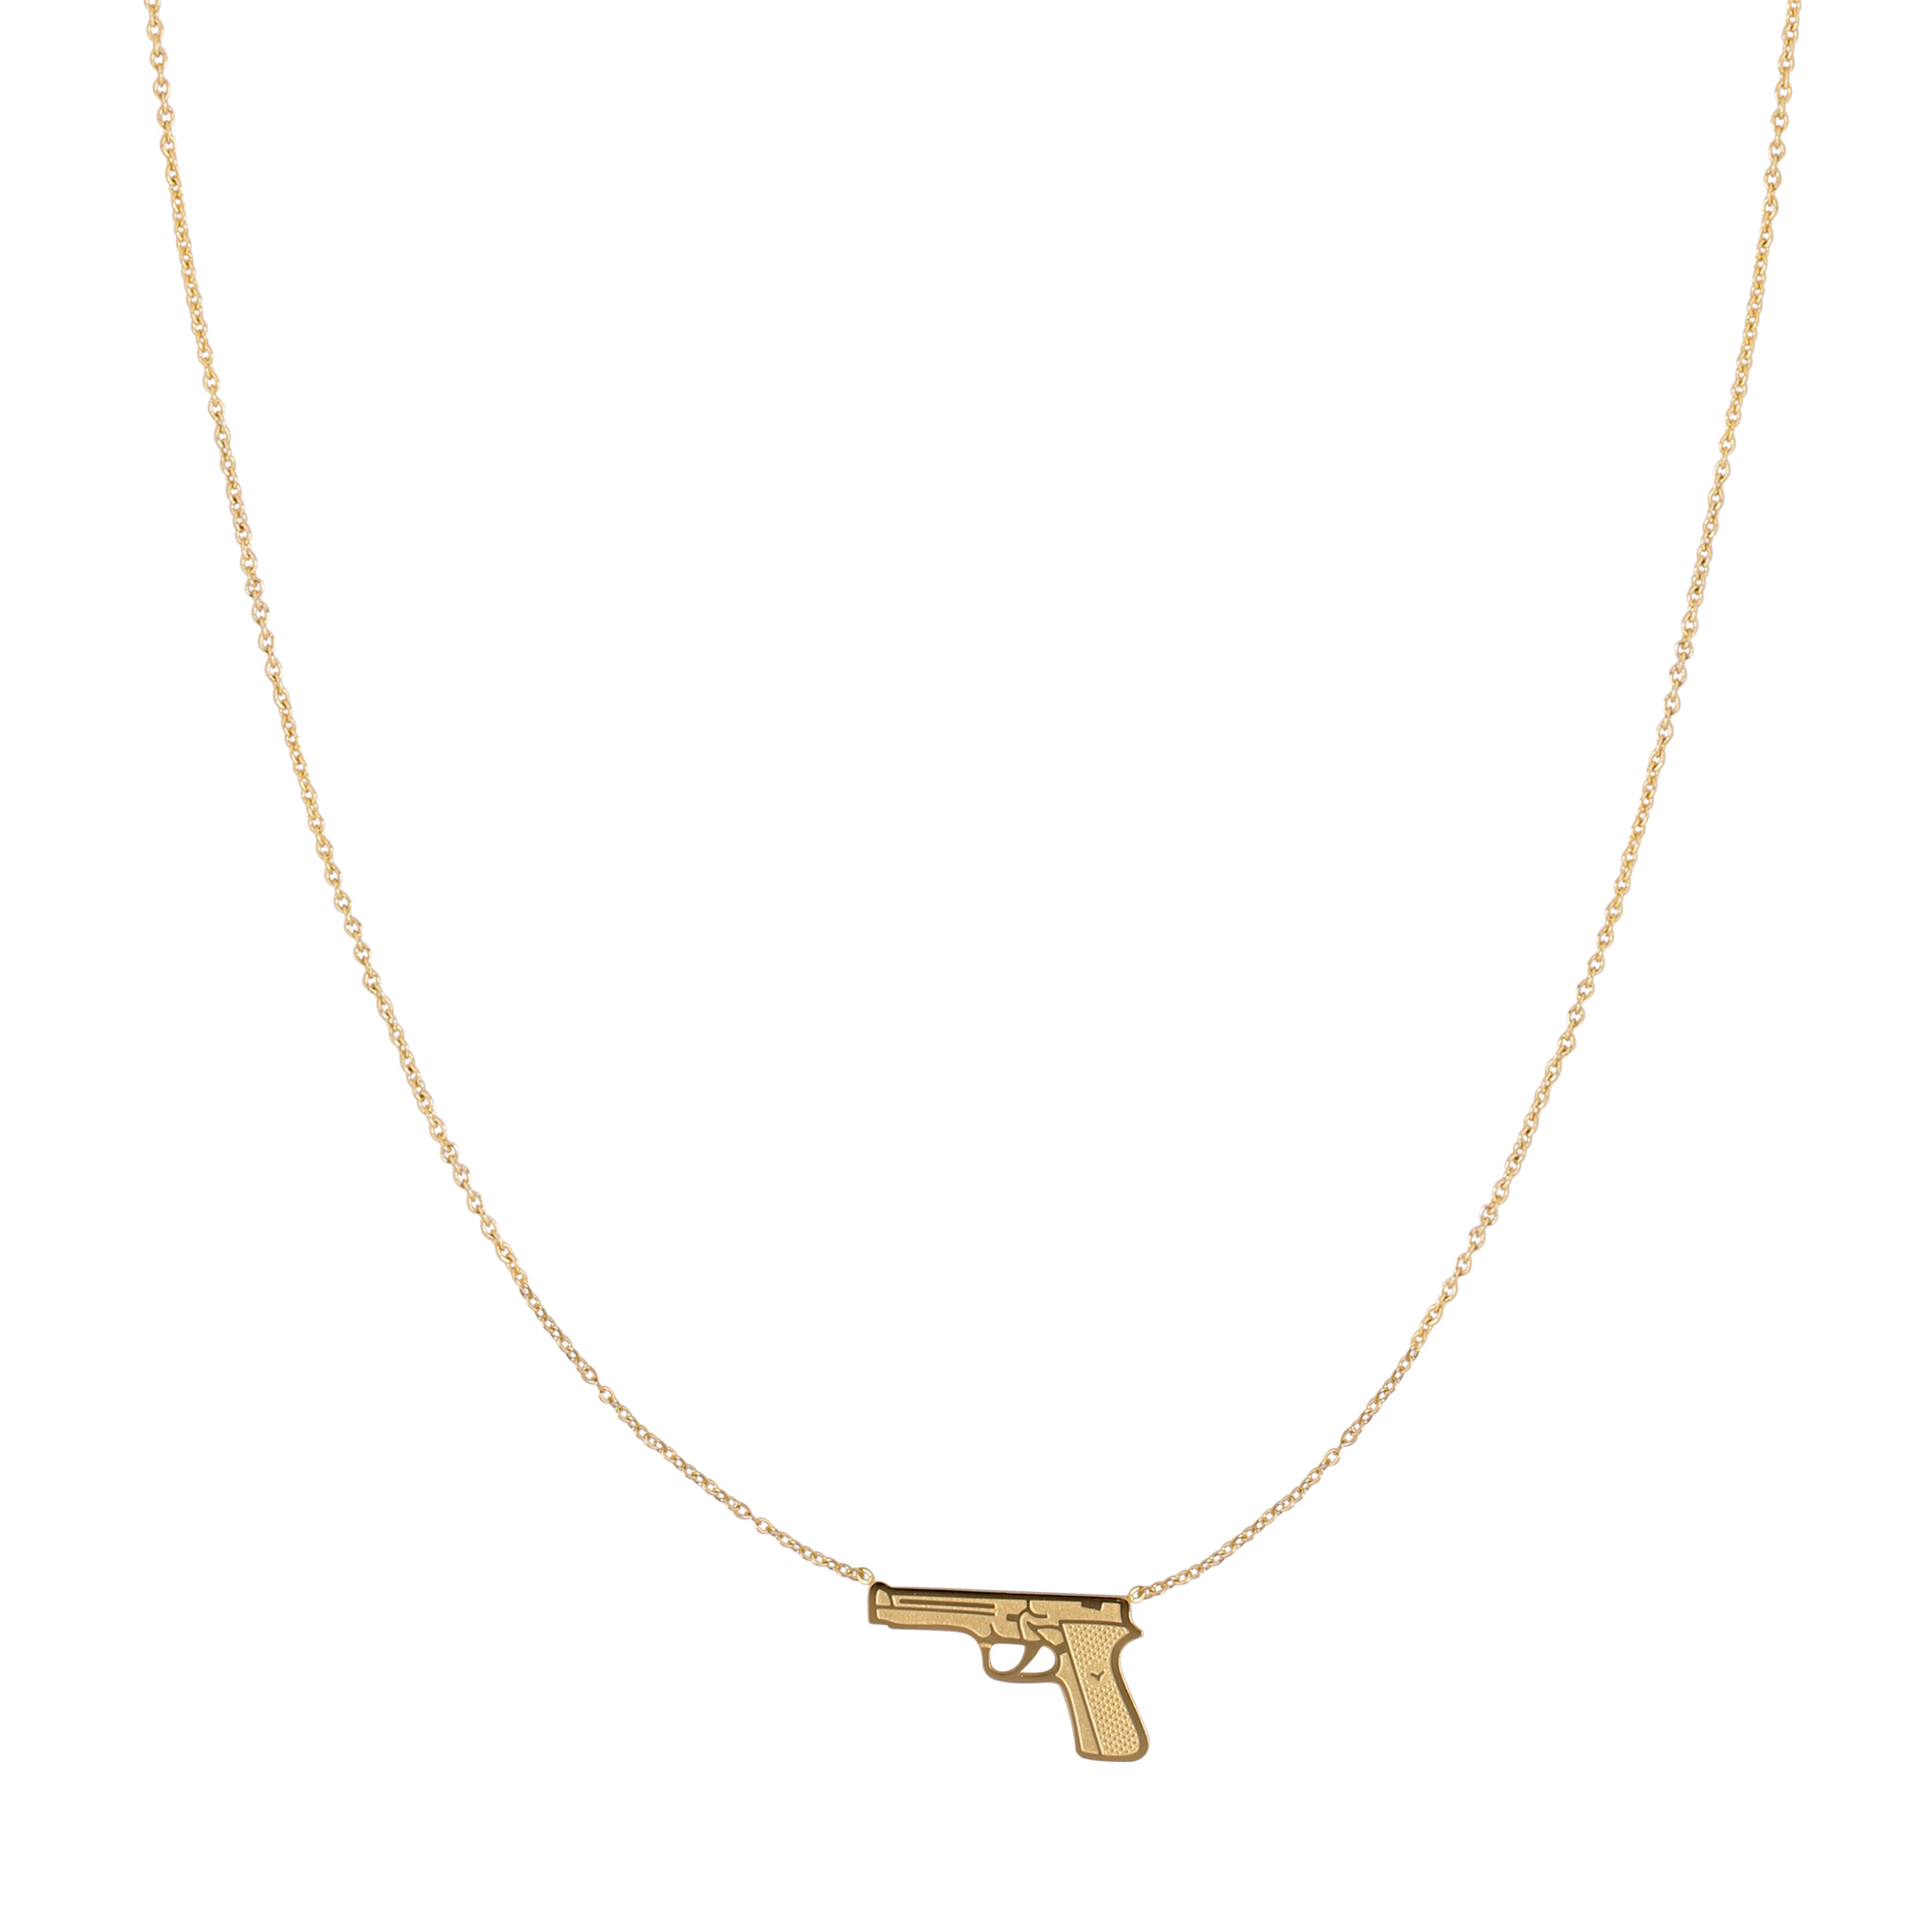 RVS Ketting Gun gouden dames kettingen pistool bedel sieraden necklages kopen bestellen festival yehwang